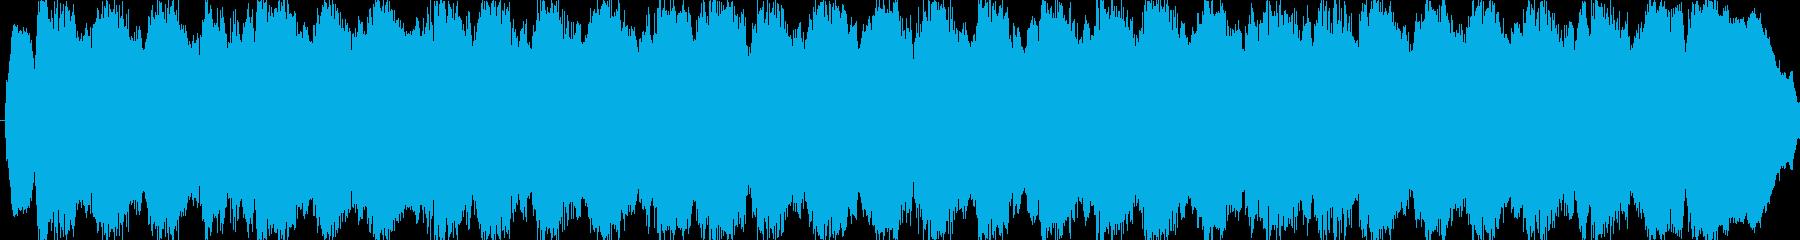 パイプオルガン バッハ風 三声の再生済みの波形